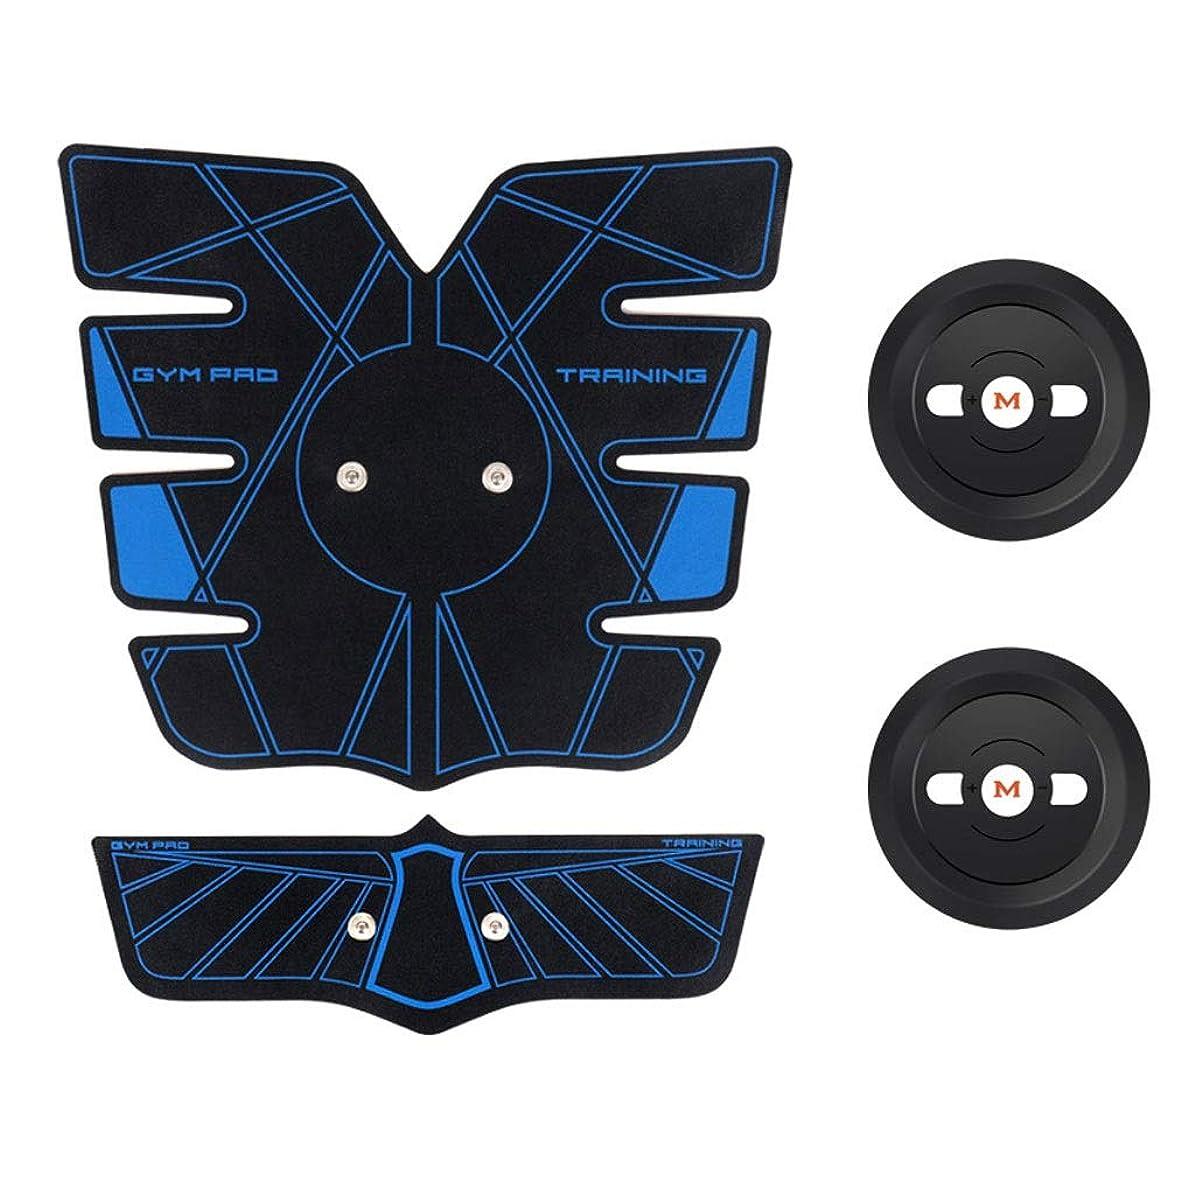 腹部筋肉トレーナーEMS腹部トレーナー筋肉刺激装置アブトーニングベルトウエストトレーナー腹サポートベルトジムトレーニングエクササイズマシンホームフィットネス (Color : Blue, Size : C)